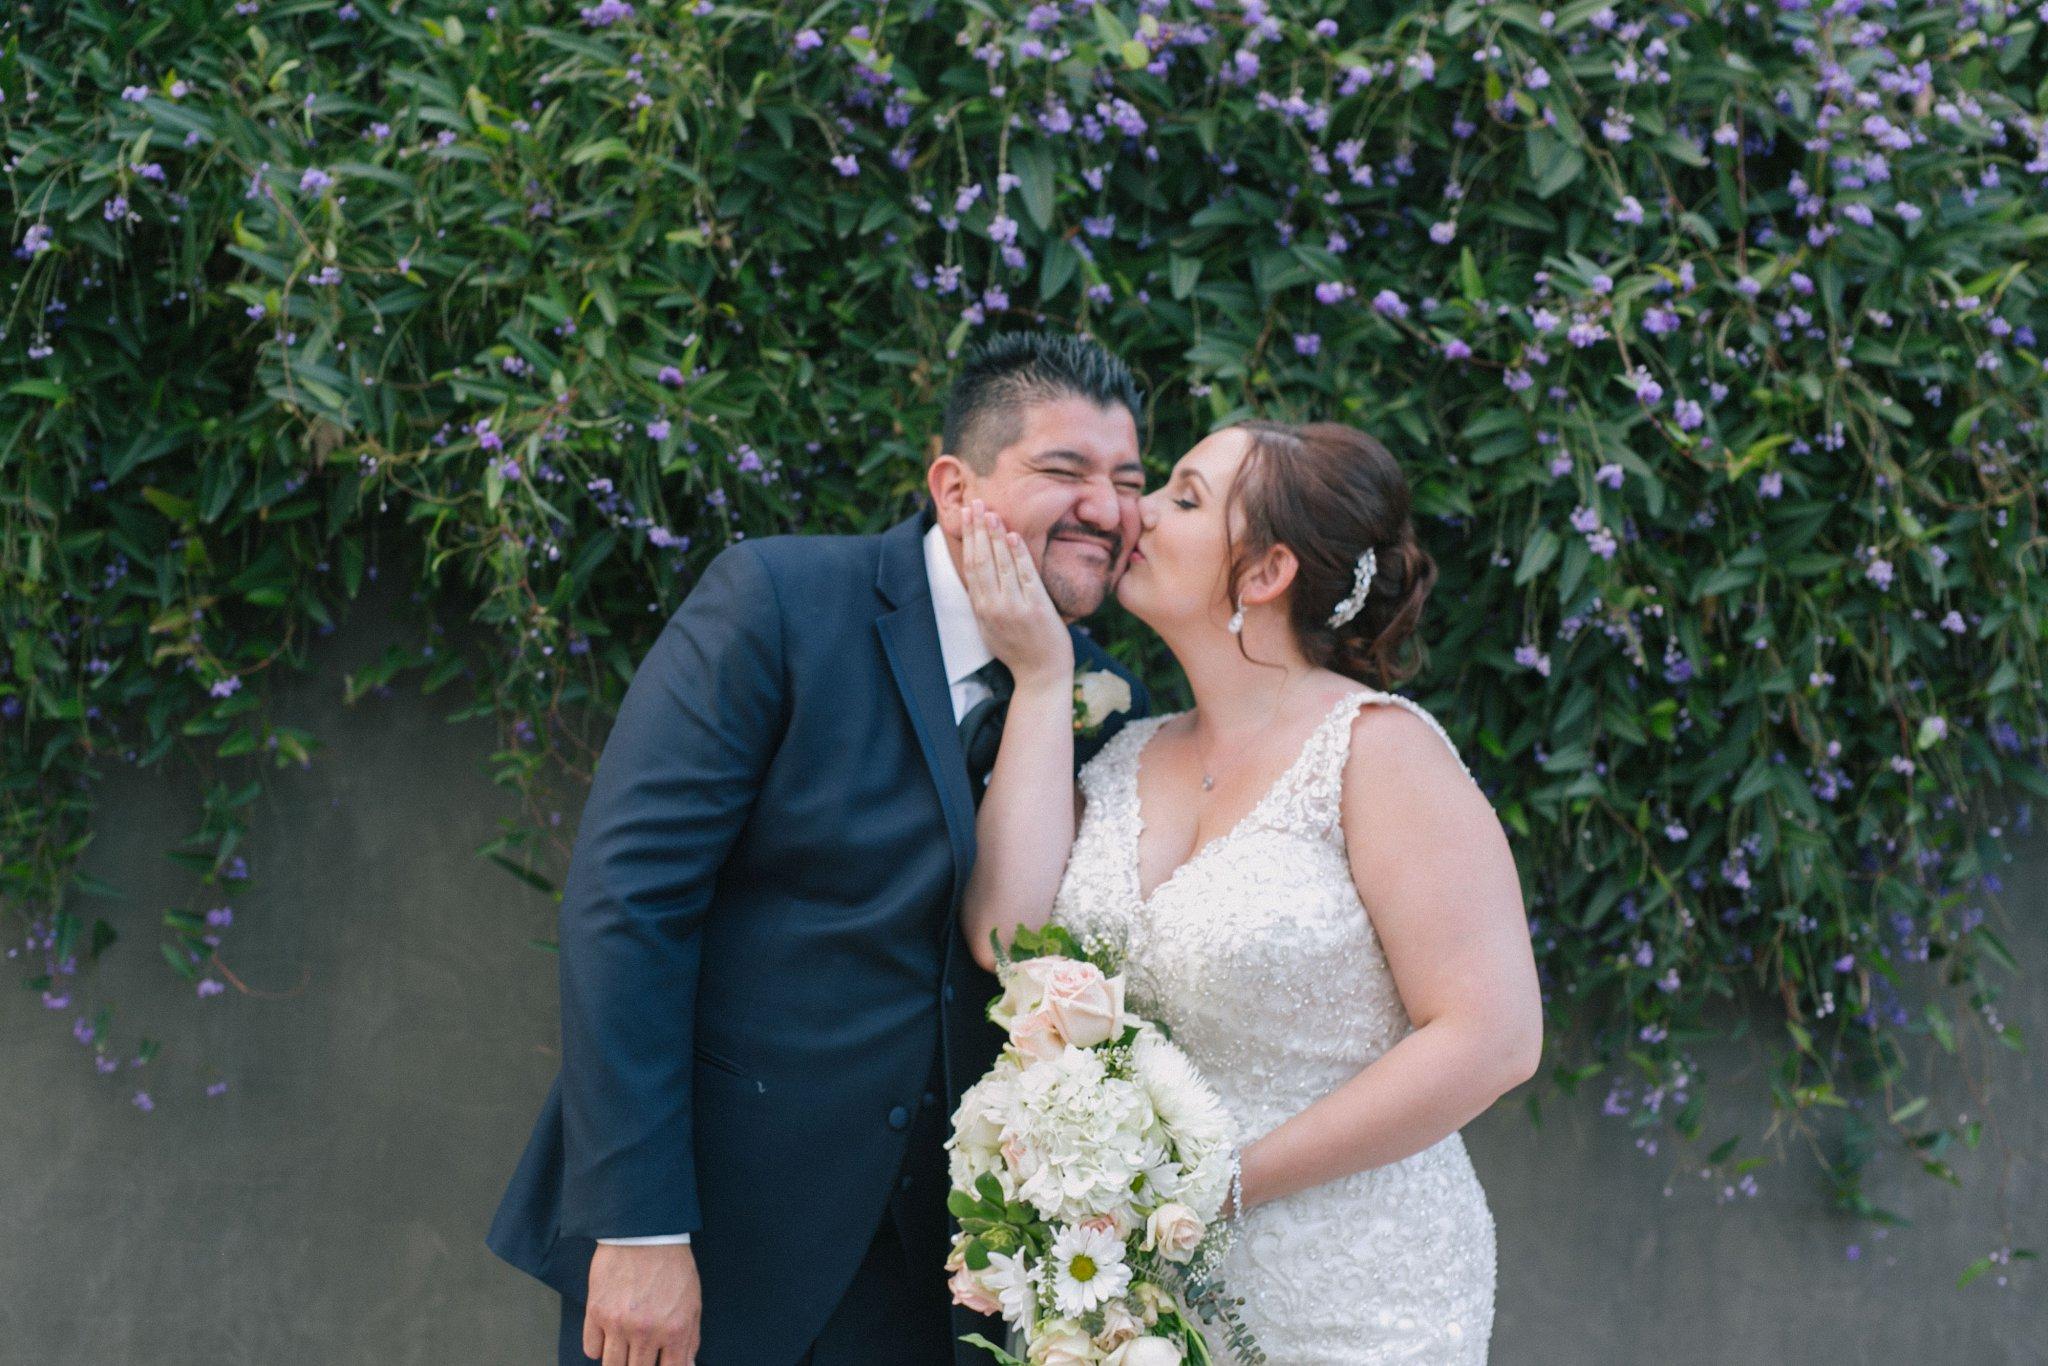 Desert Botanical Garden bride & groom